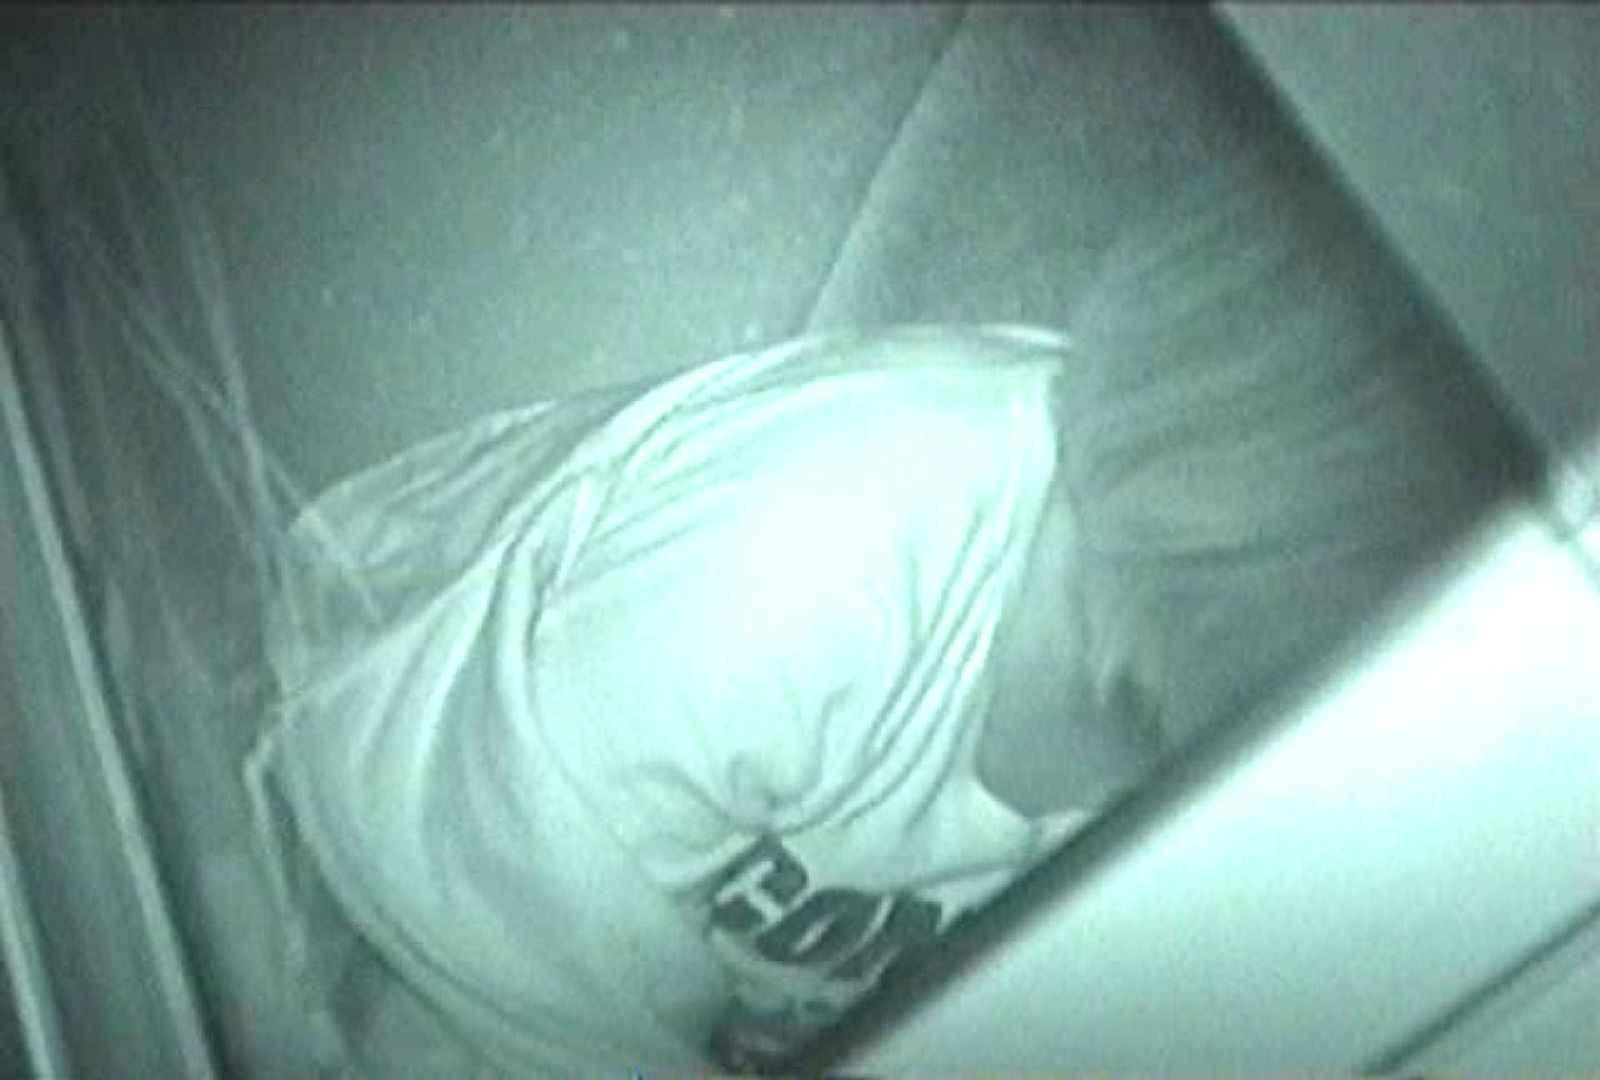 充血監督の深夜の運動会Vol.97 ギャルのエロ動画 AV無料動画キャプチャ 104画像 90